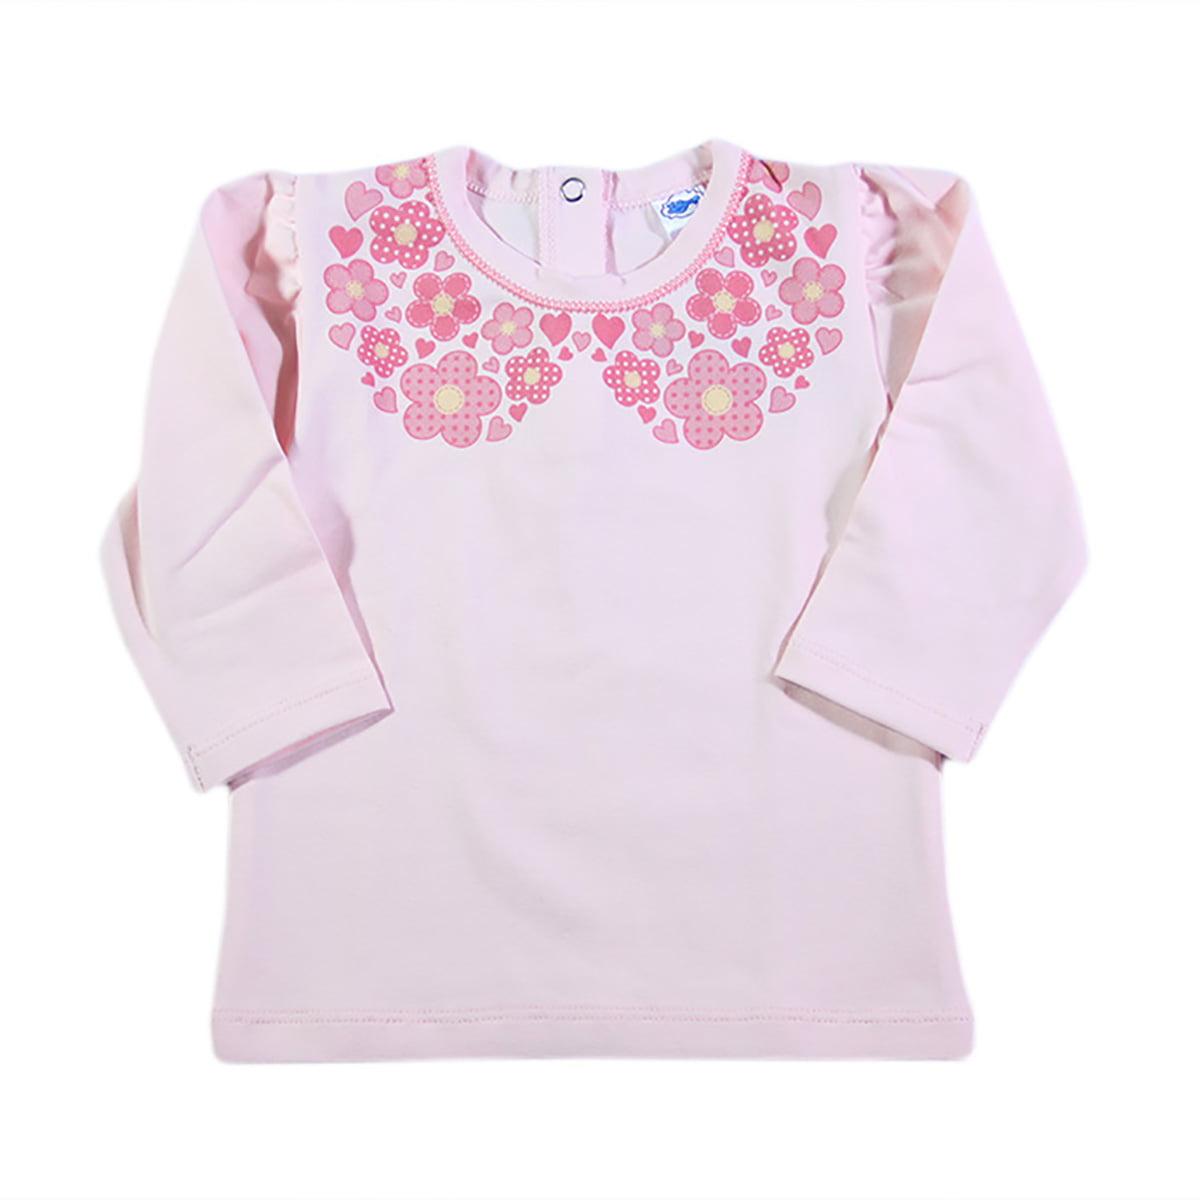 Majica Floral kragnica za bebe